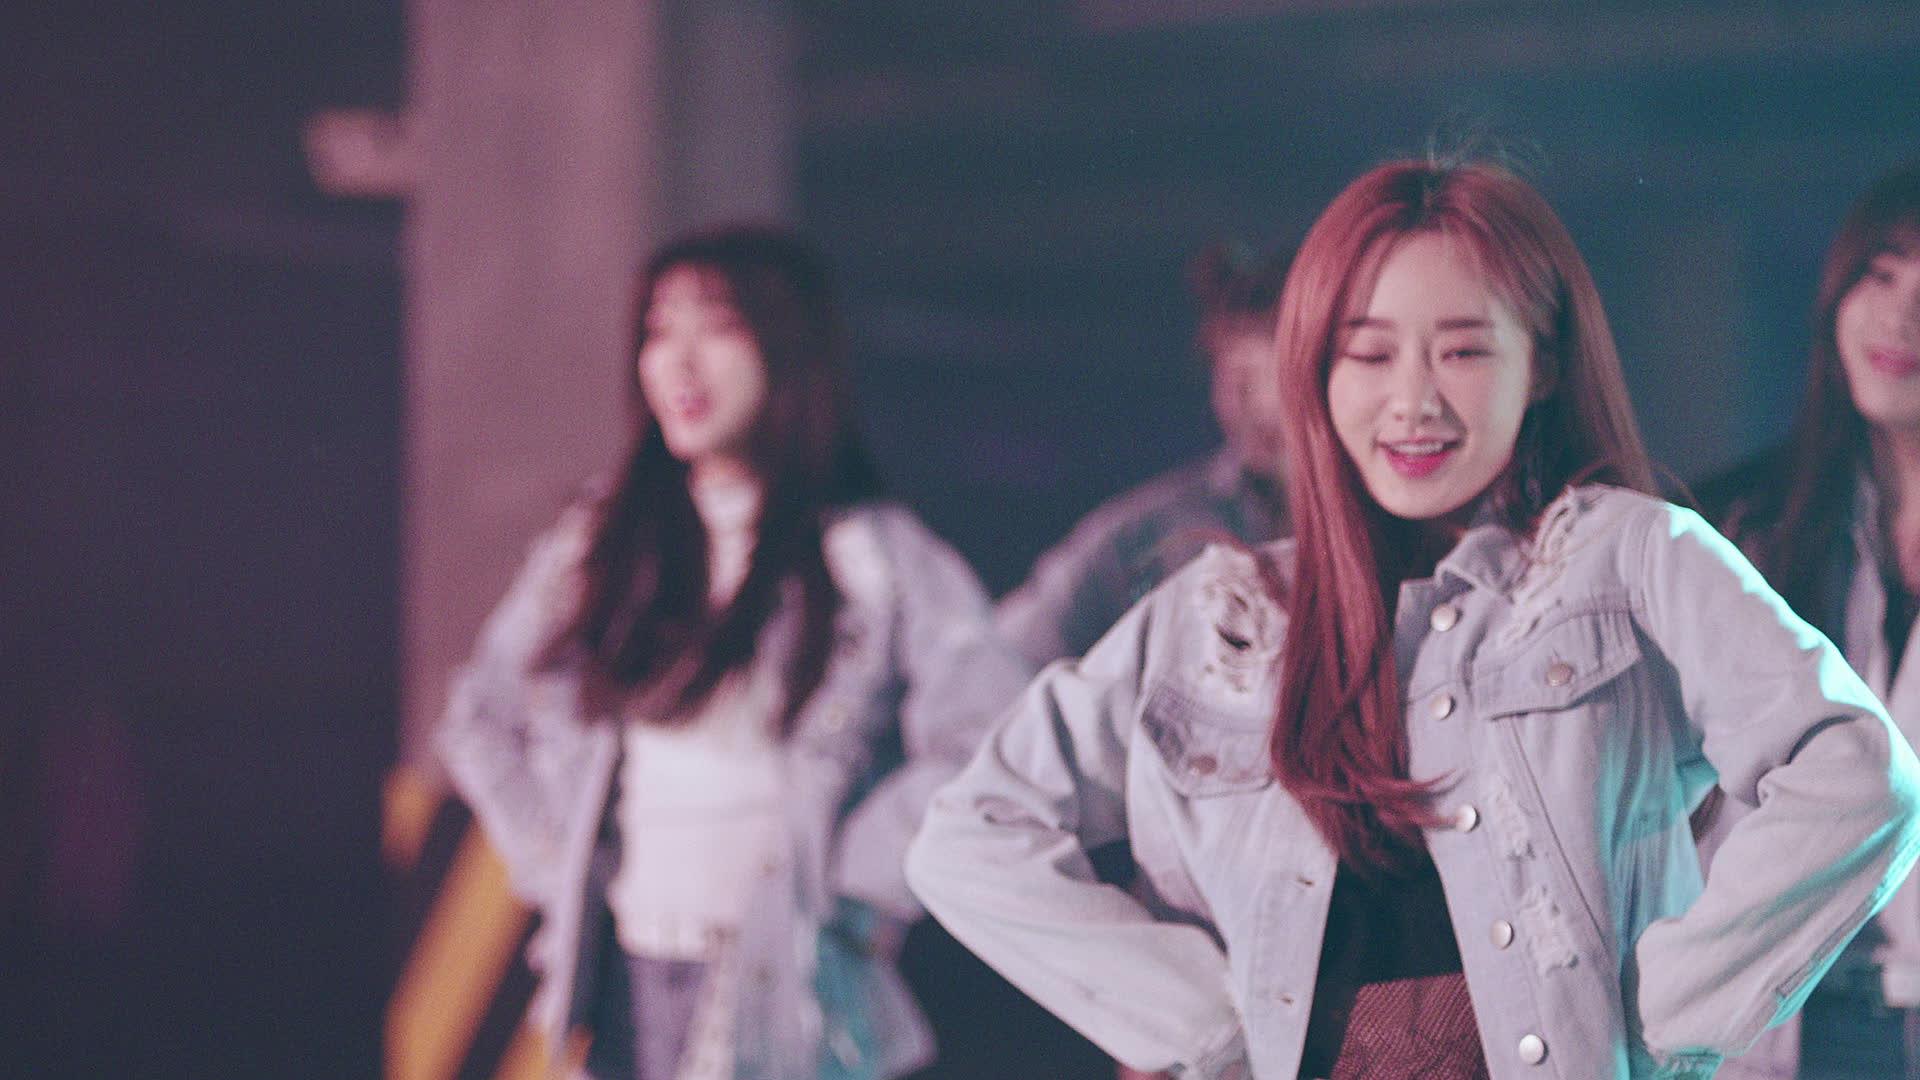 """유닛G 신곡 """"TING"""" 안무티저영상 / [UNIT G - Teaser of the new song """"TING""""]"""